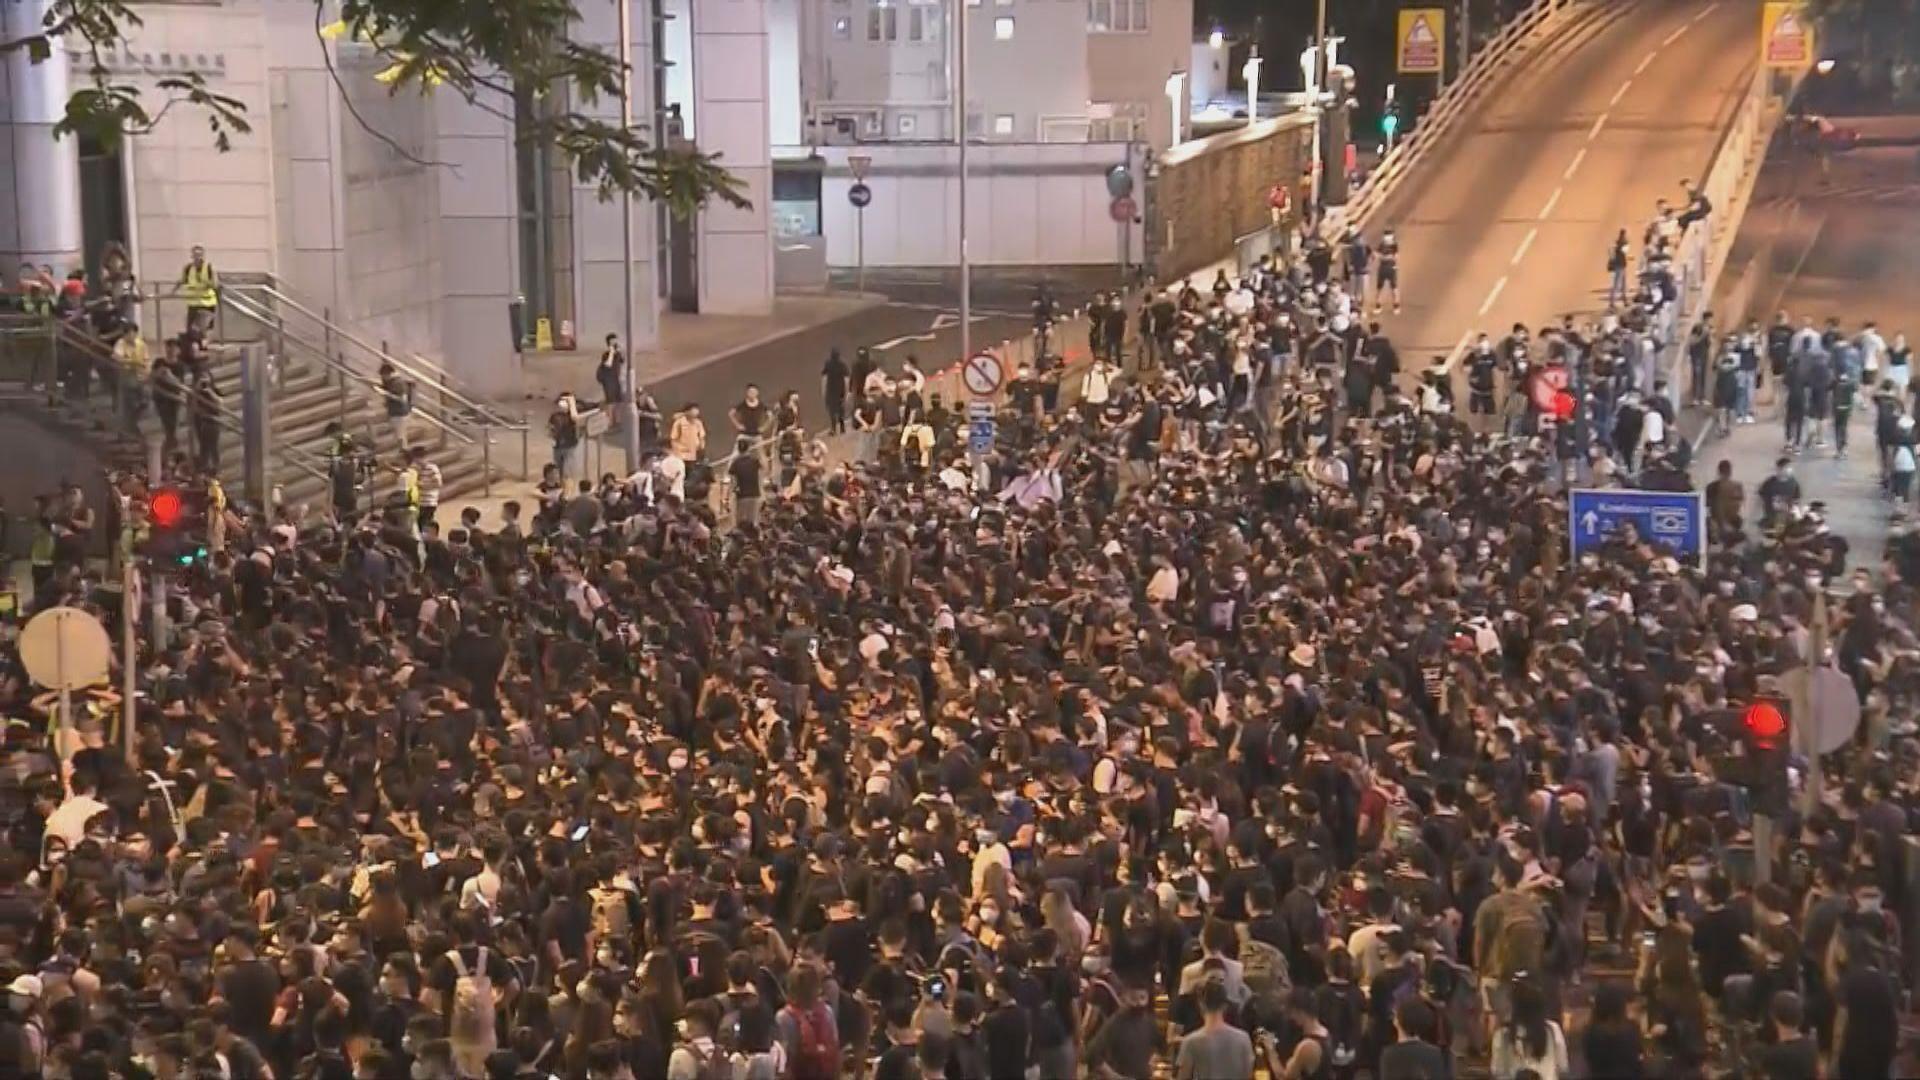 示威者再次包圍警察總部 堵塞附近一帶道路